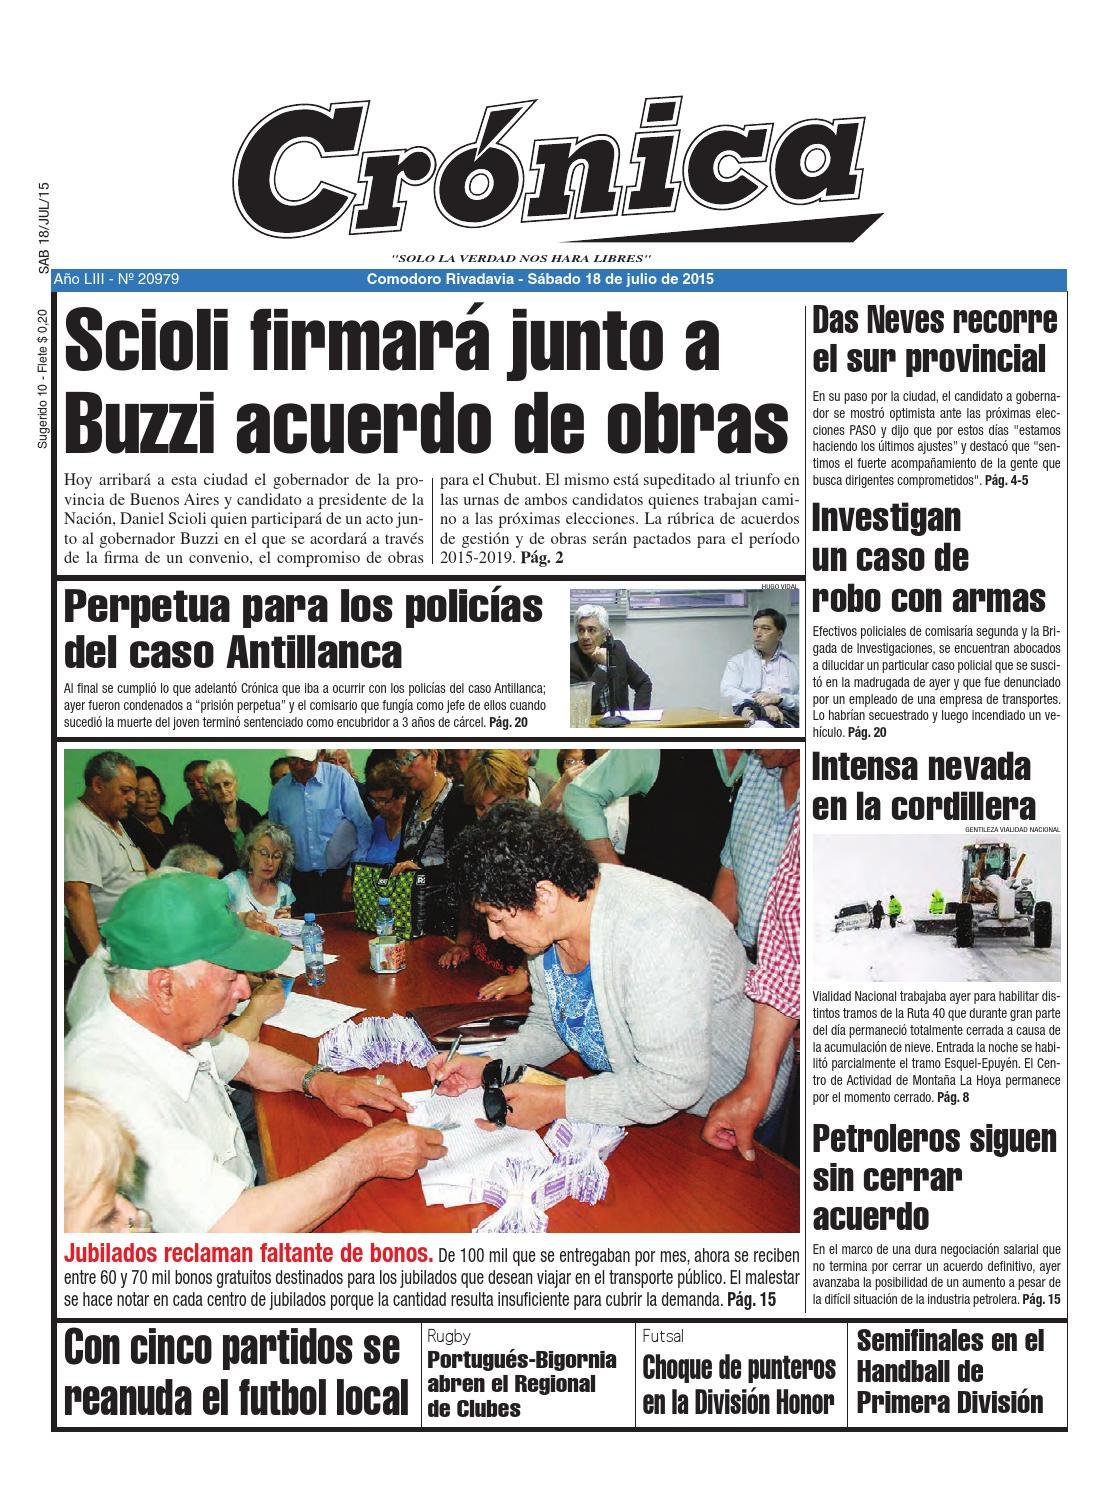 C43e7554ff364d1a554d58a7957158aa by Diario Crónica - issuu